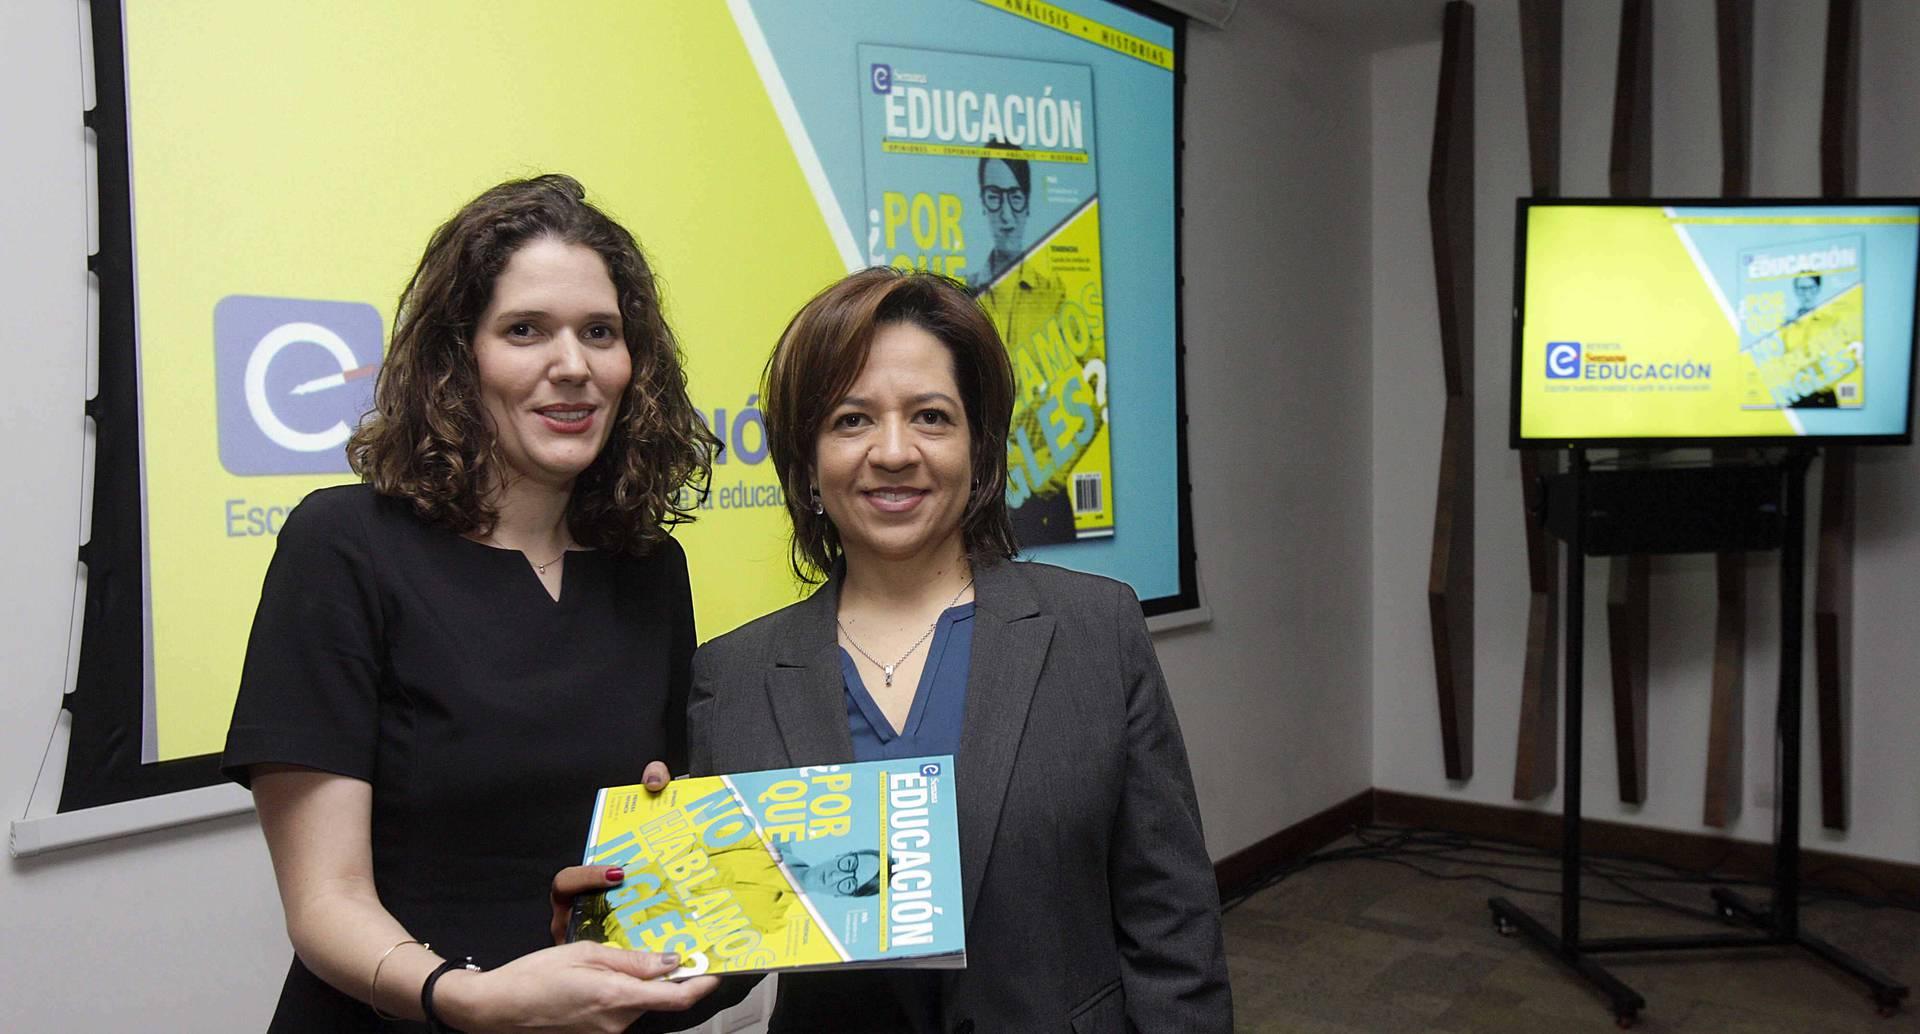 Andrea Escobar y Natalia Ariza, viceministra de educación superior.